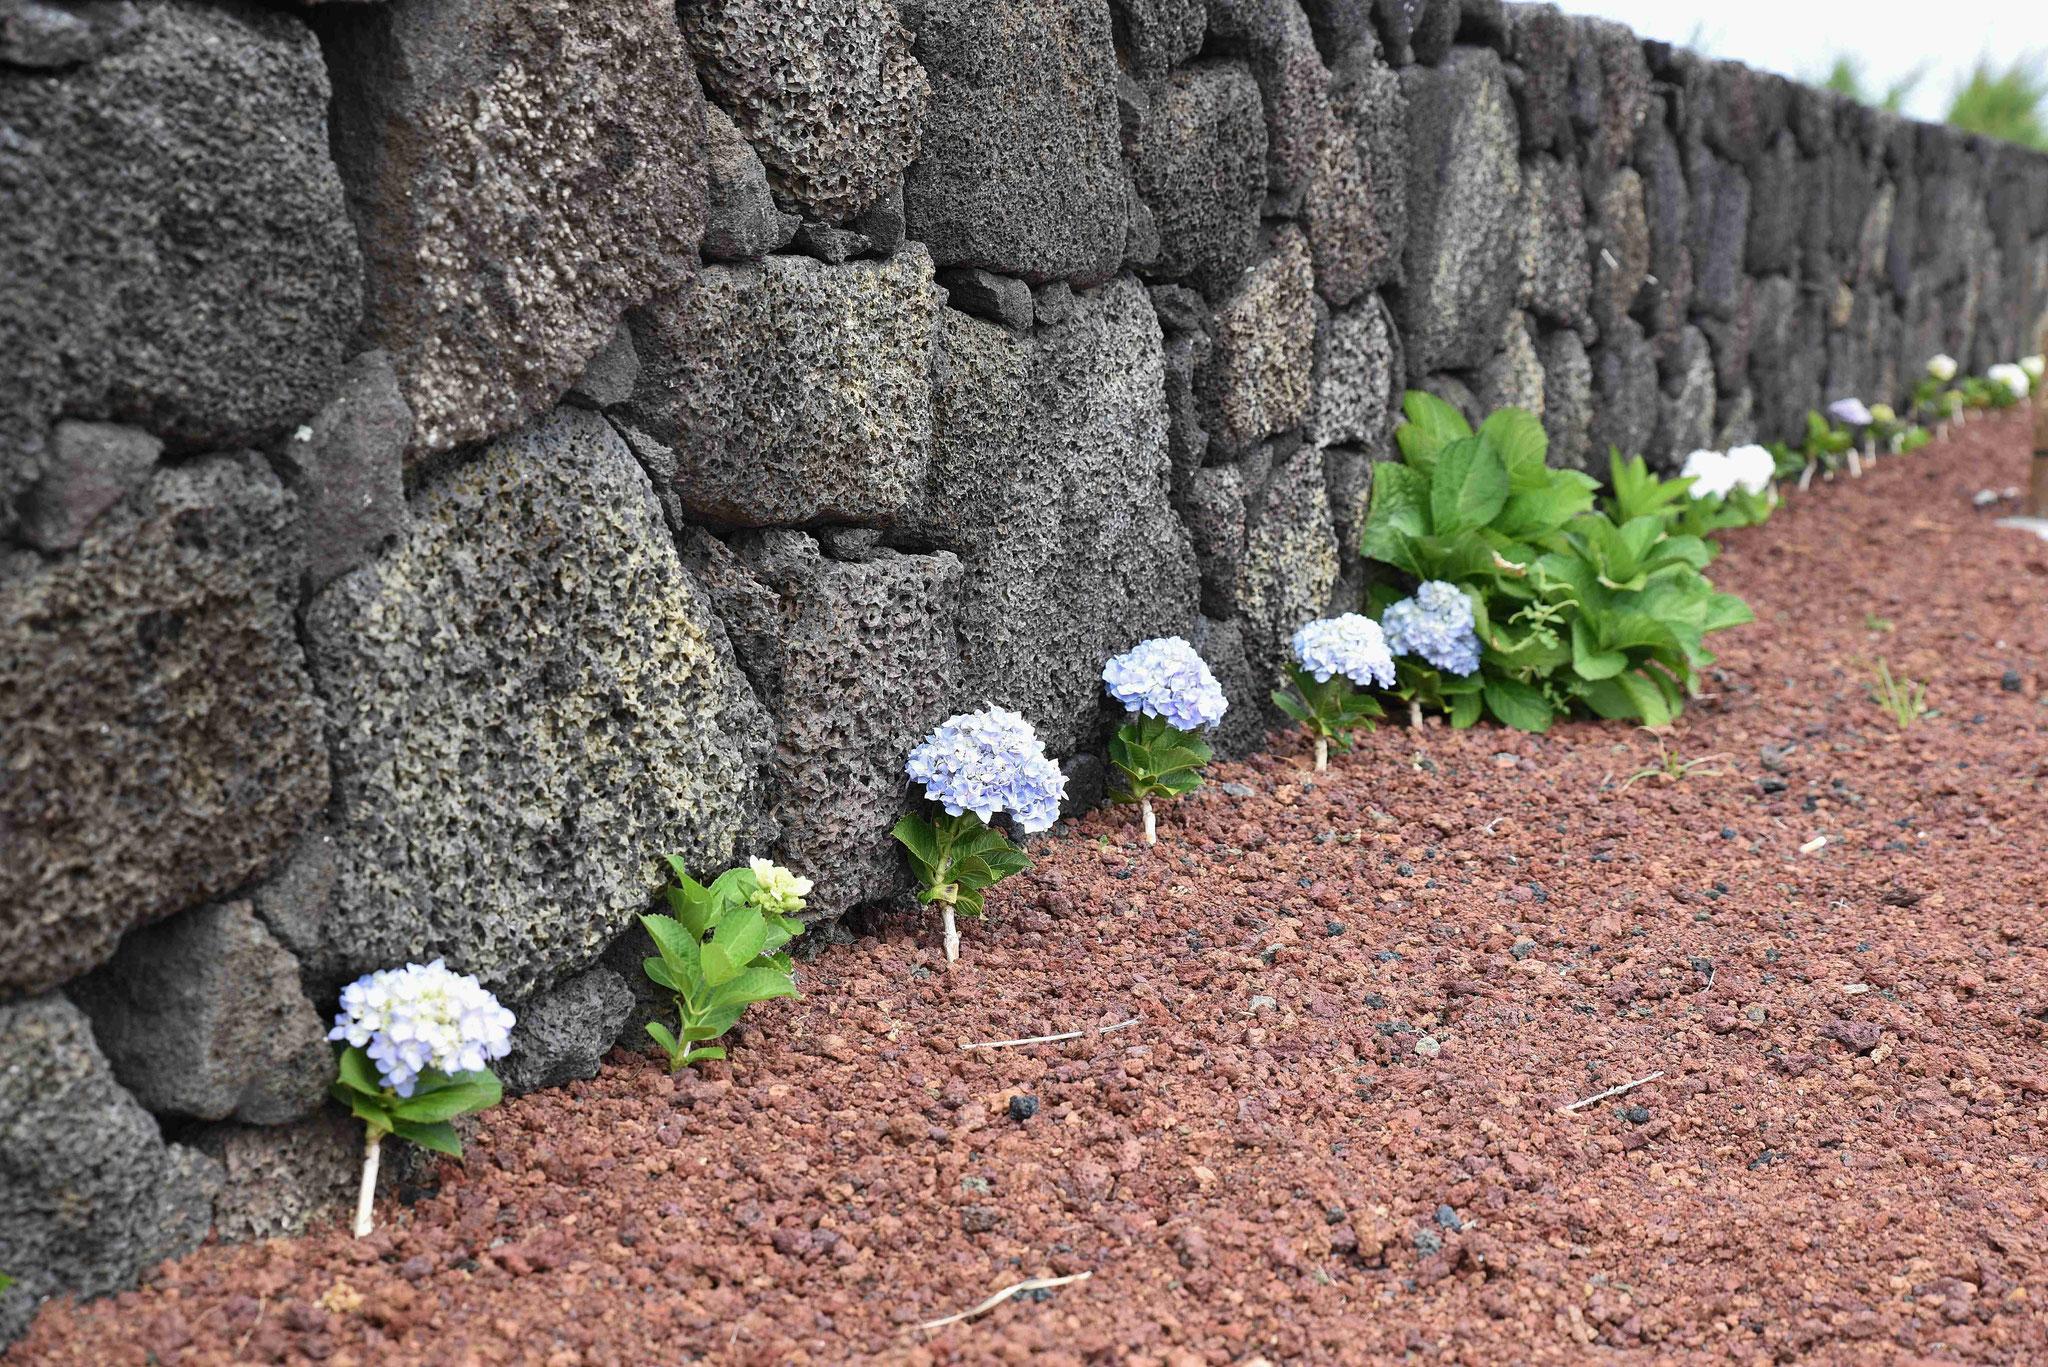 Hortensie säumen den Wegesrand - frische Bepflanzung